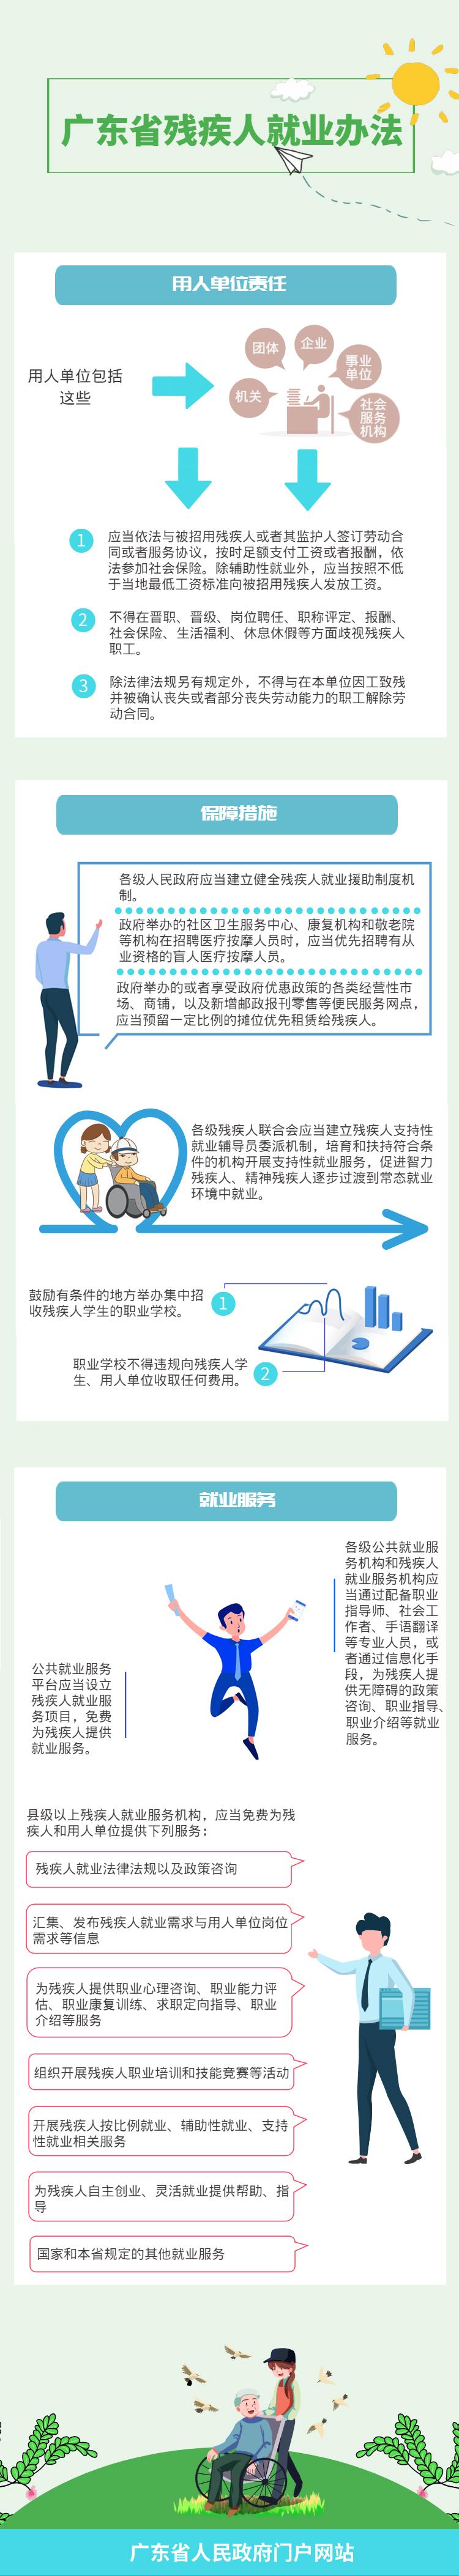 一图读懂广东省残疾人就业办法.jpg